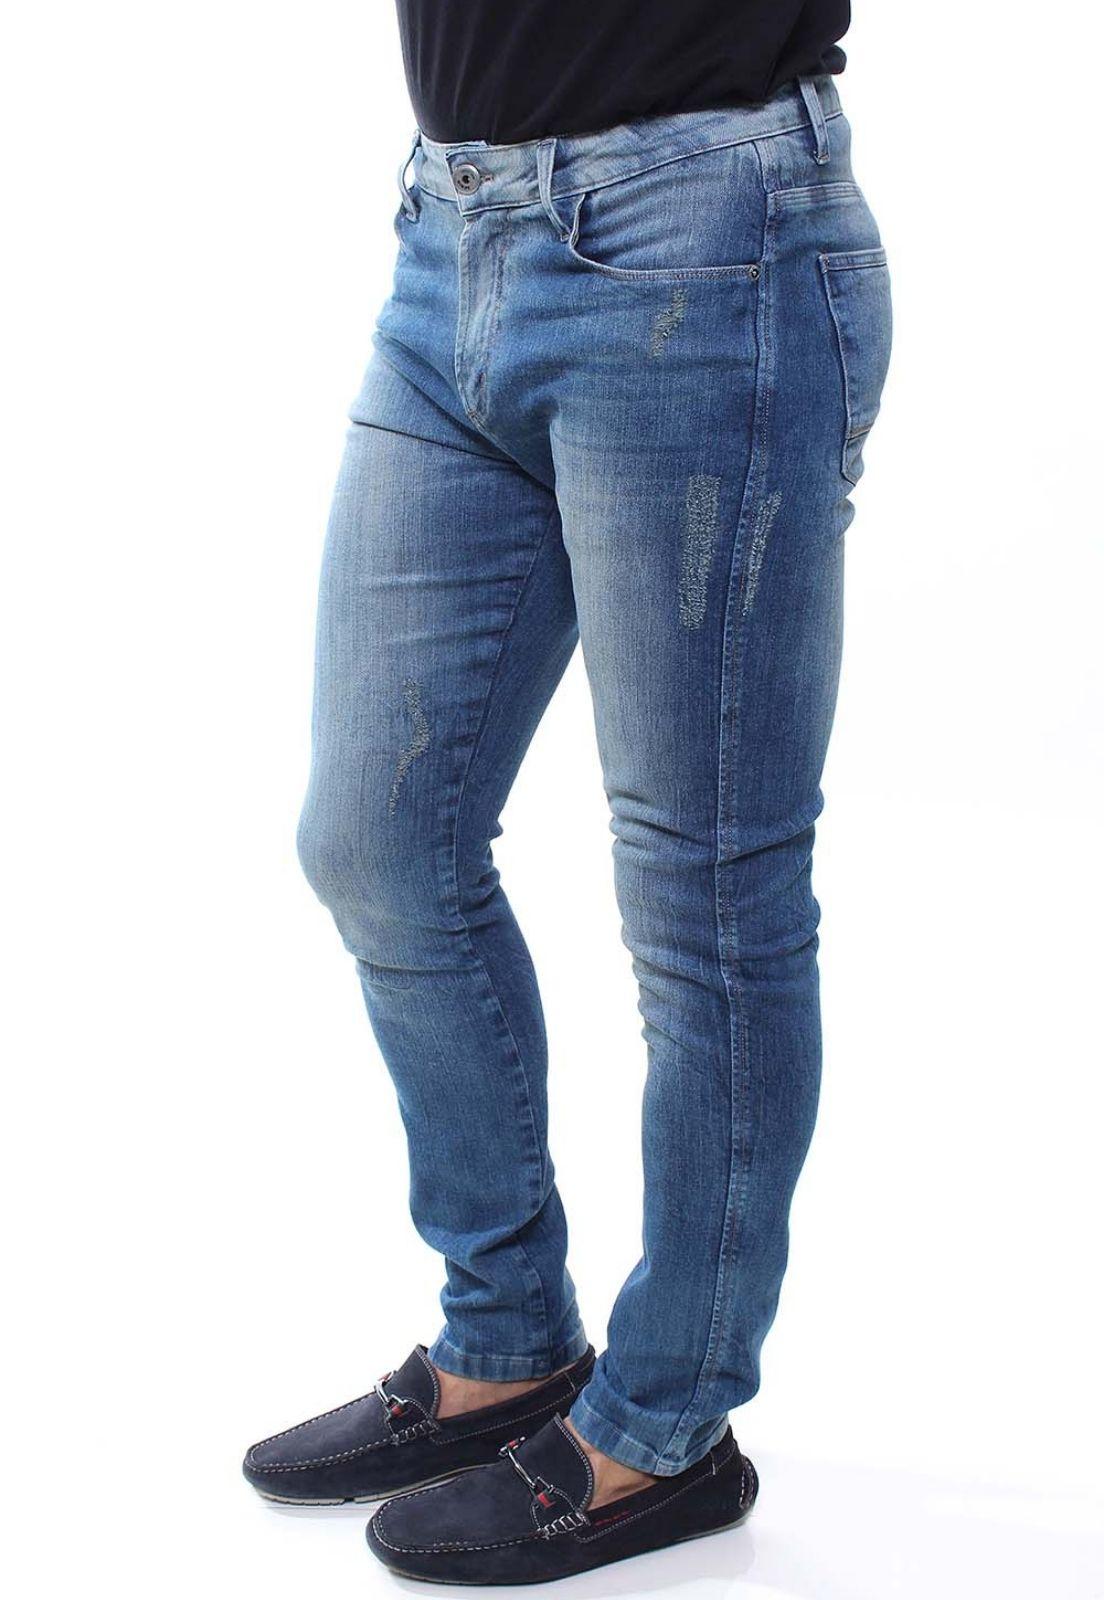 Calça Jeans Masculina Destroyed Confort Crocker - 47688  - CROCKER JEANS